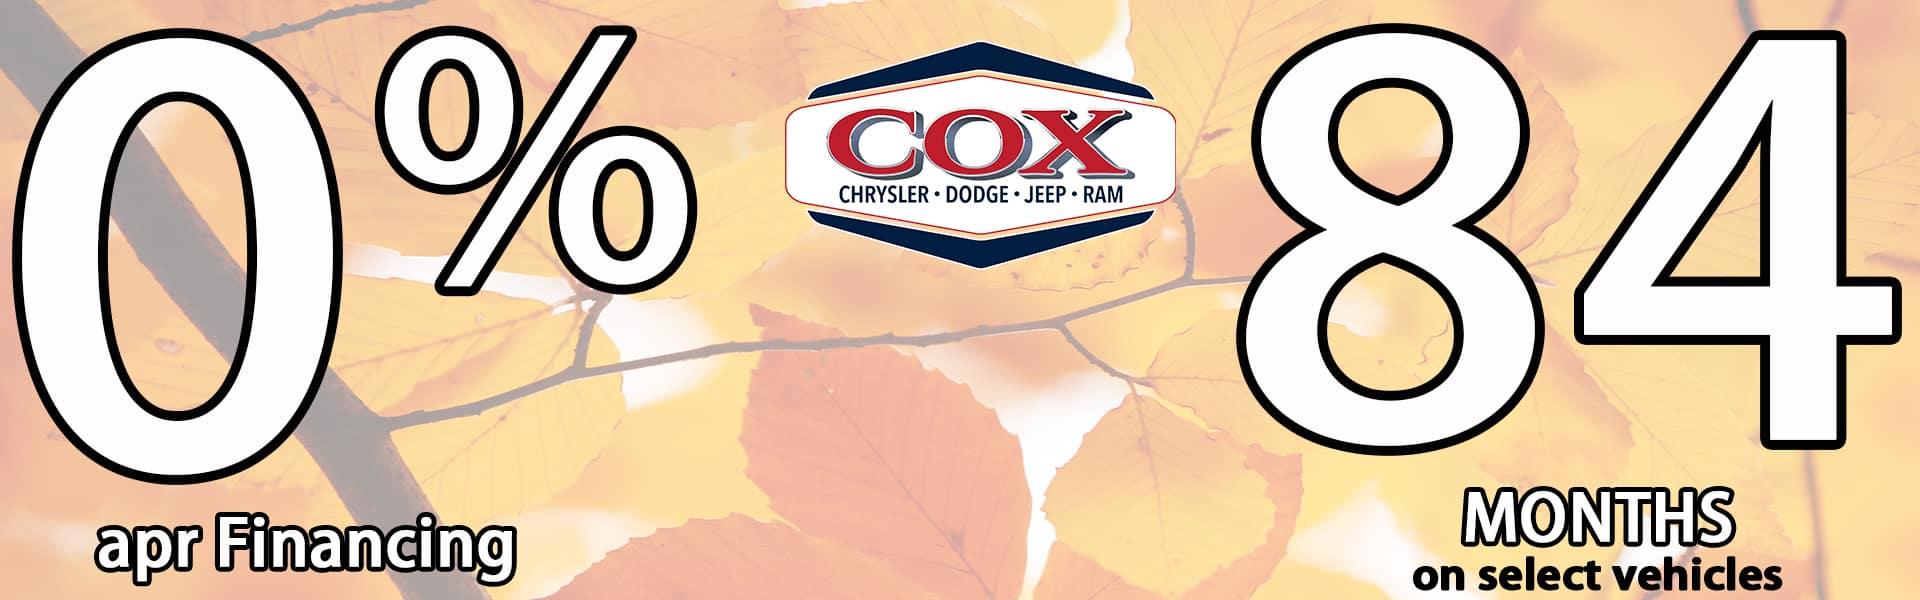 CDJR Homepage 2020 10